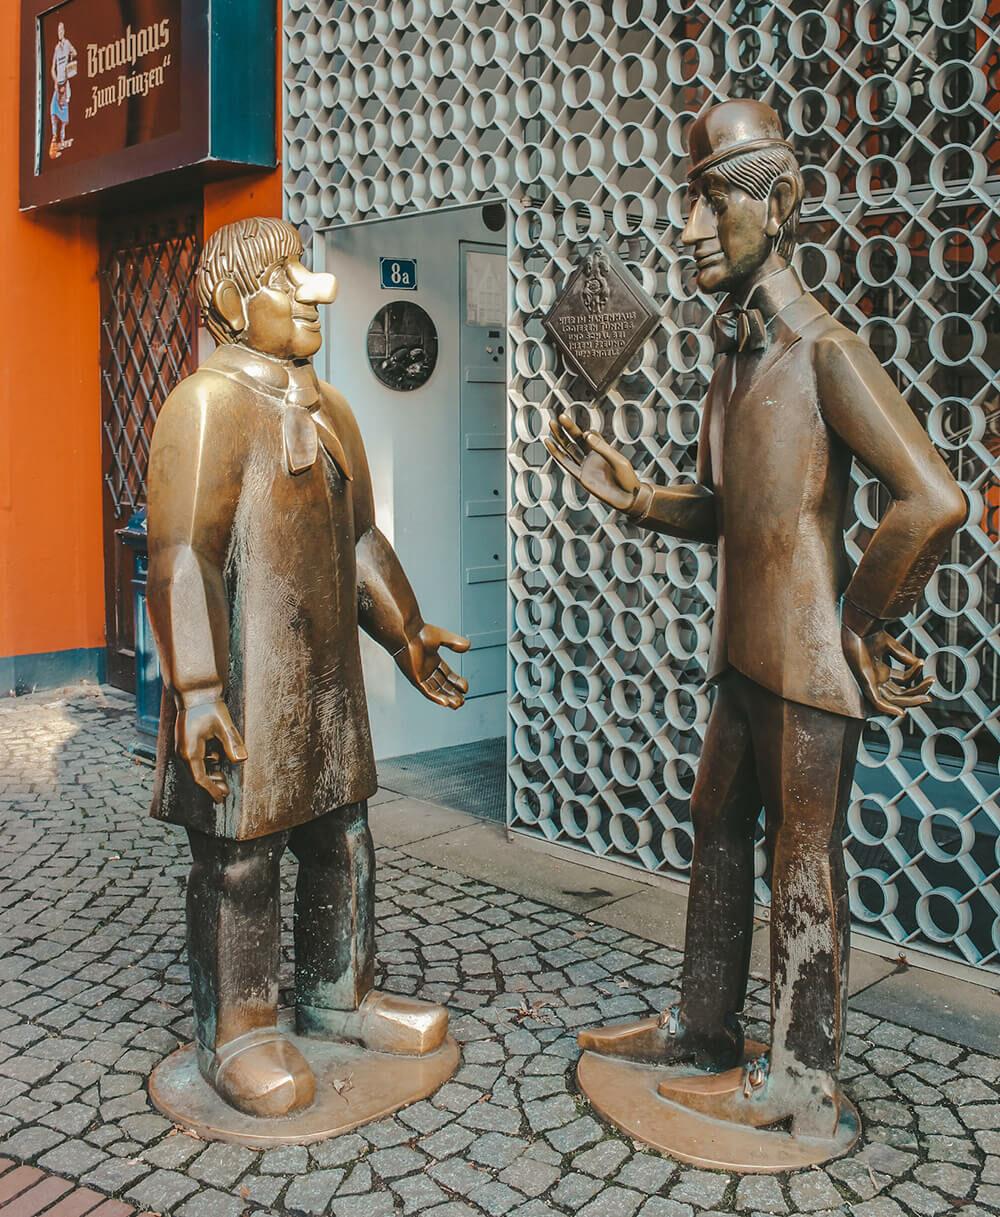 Statue Stanlio e Ollio Colonia - Cosa vedere a Colonia